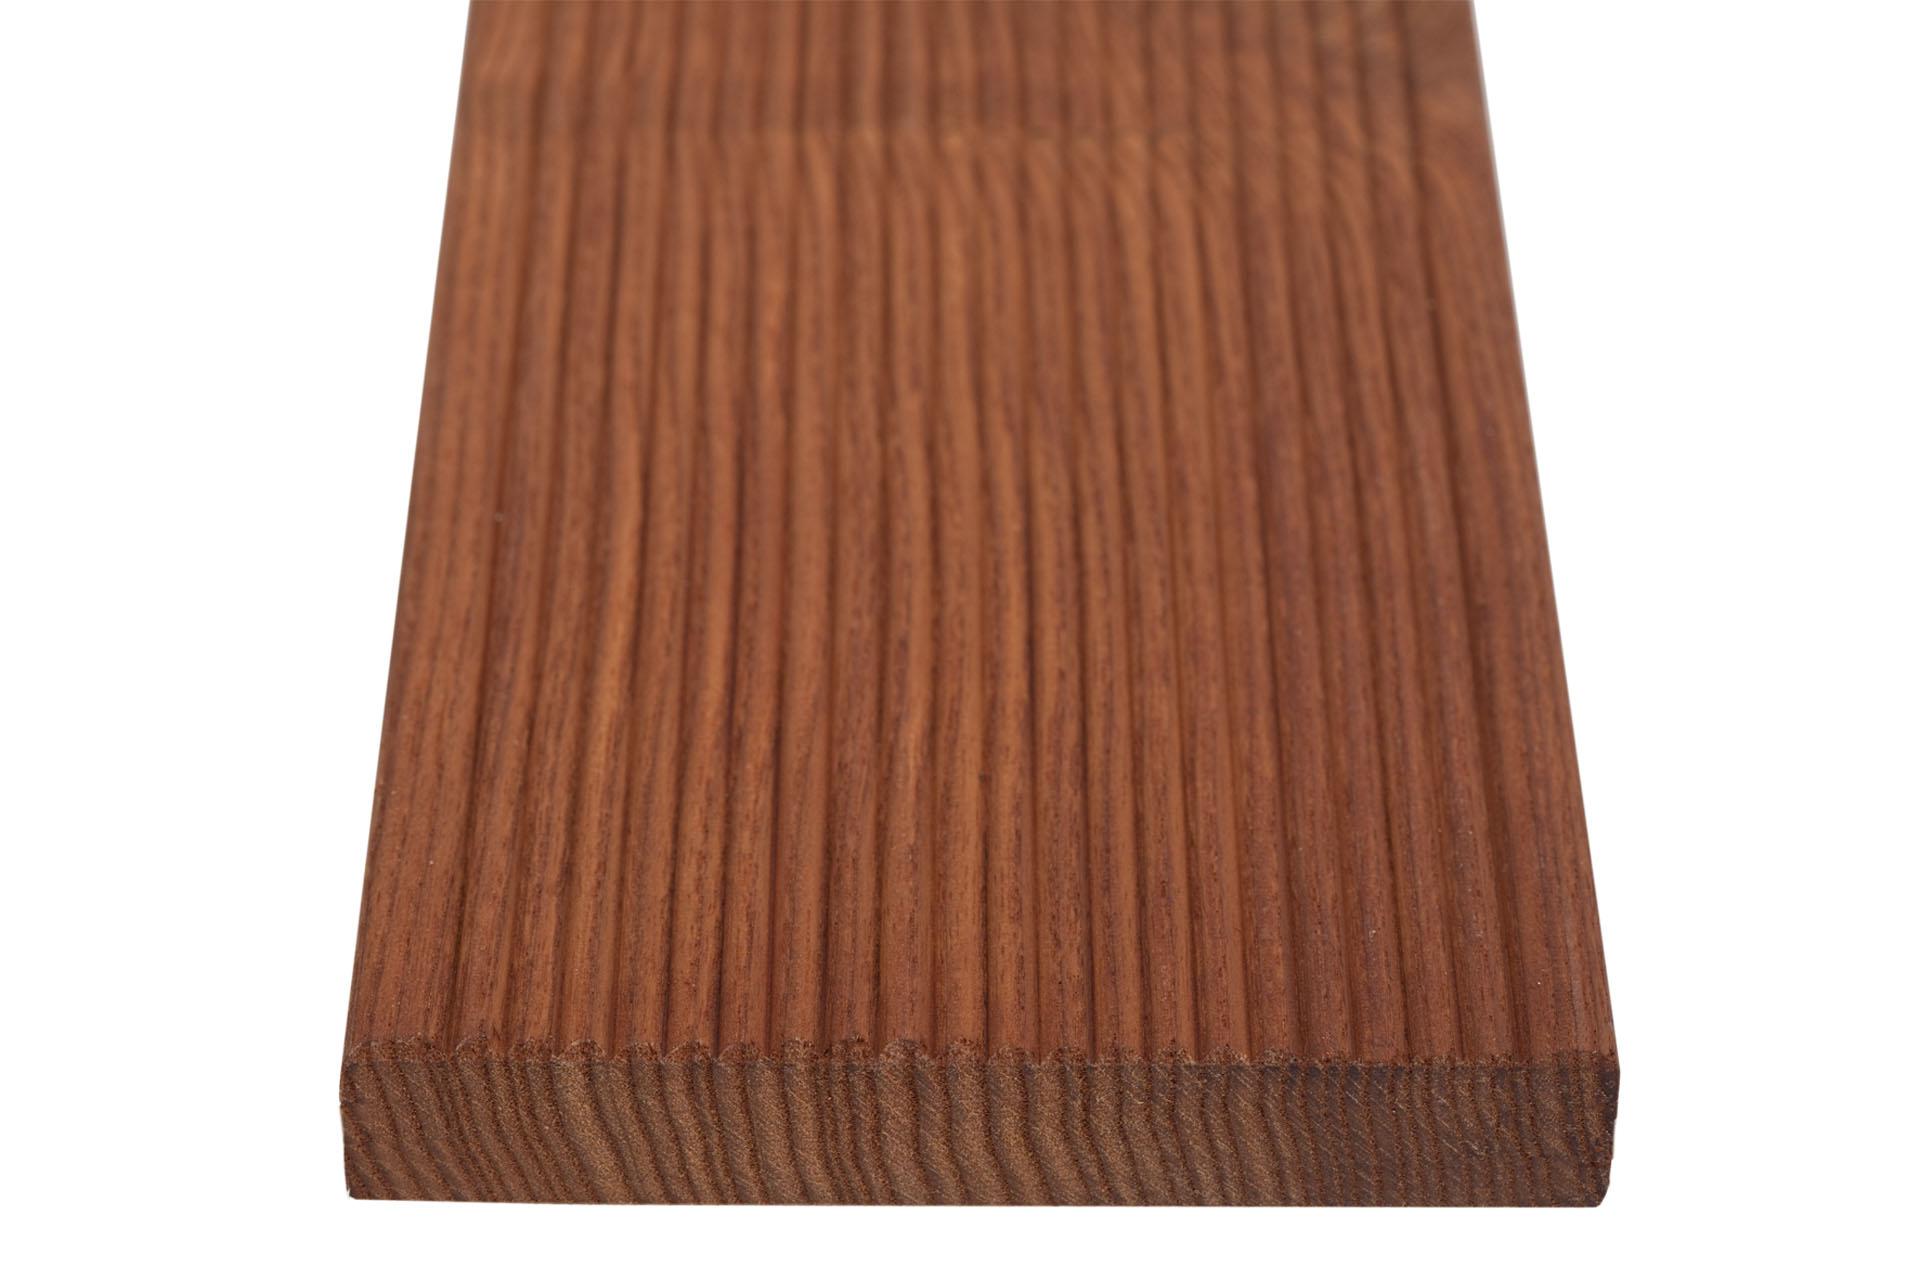 fano thermoesche terrassenboden der boden online shop aus sterreich. Black Bedroom Furniture Sets. Home Design Ideas